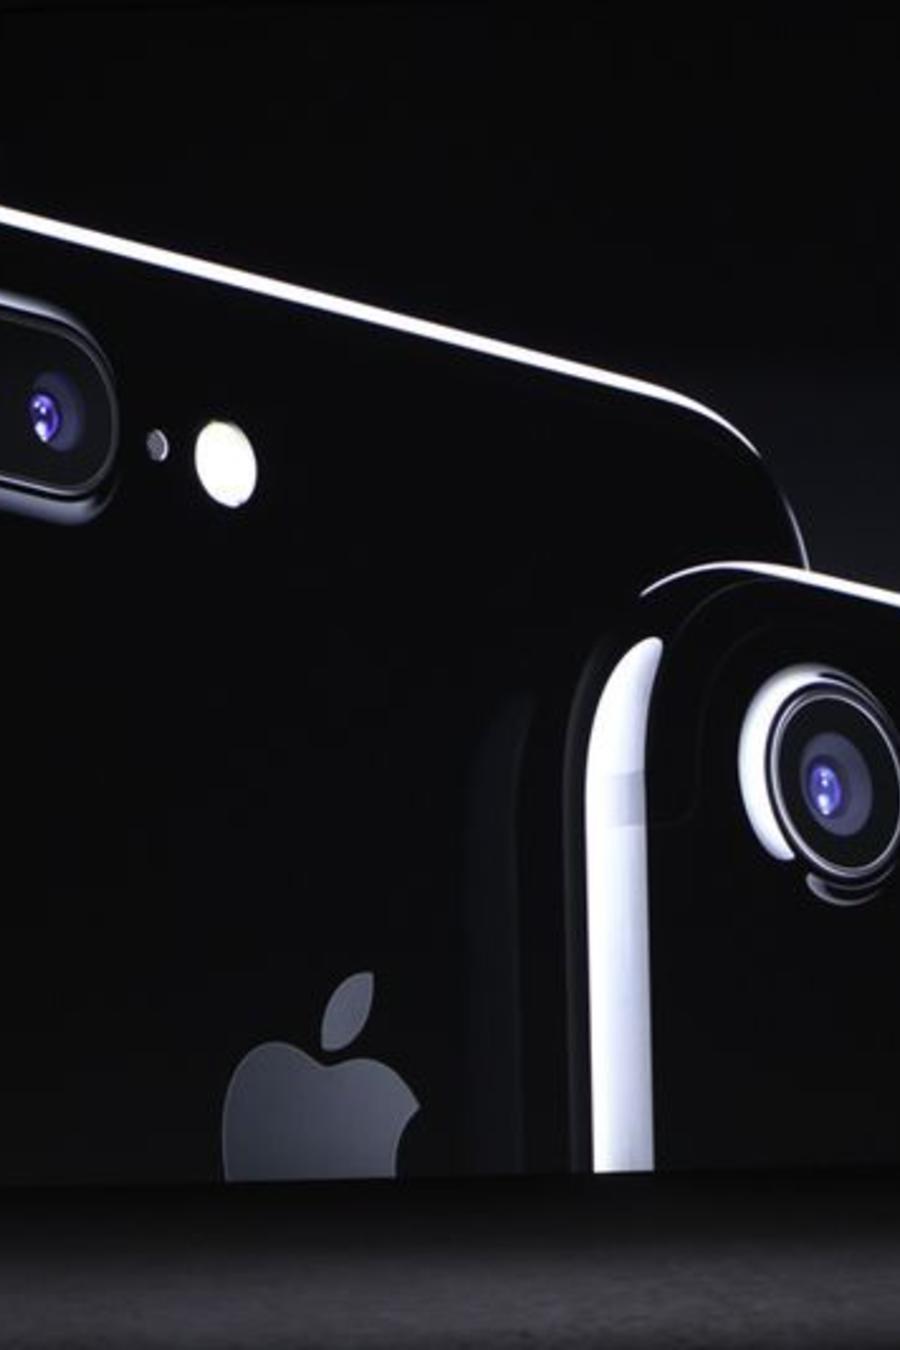 iPhone 7 Plus: Te traemos todos los detalles